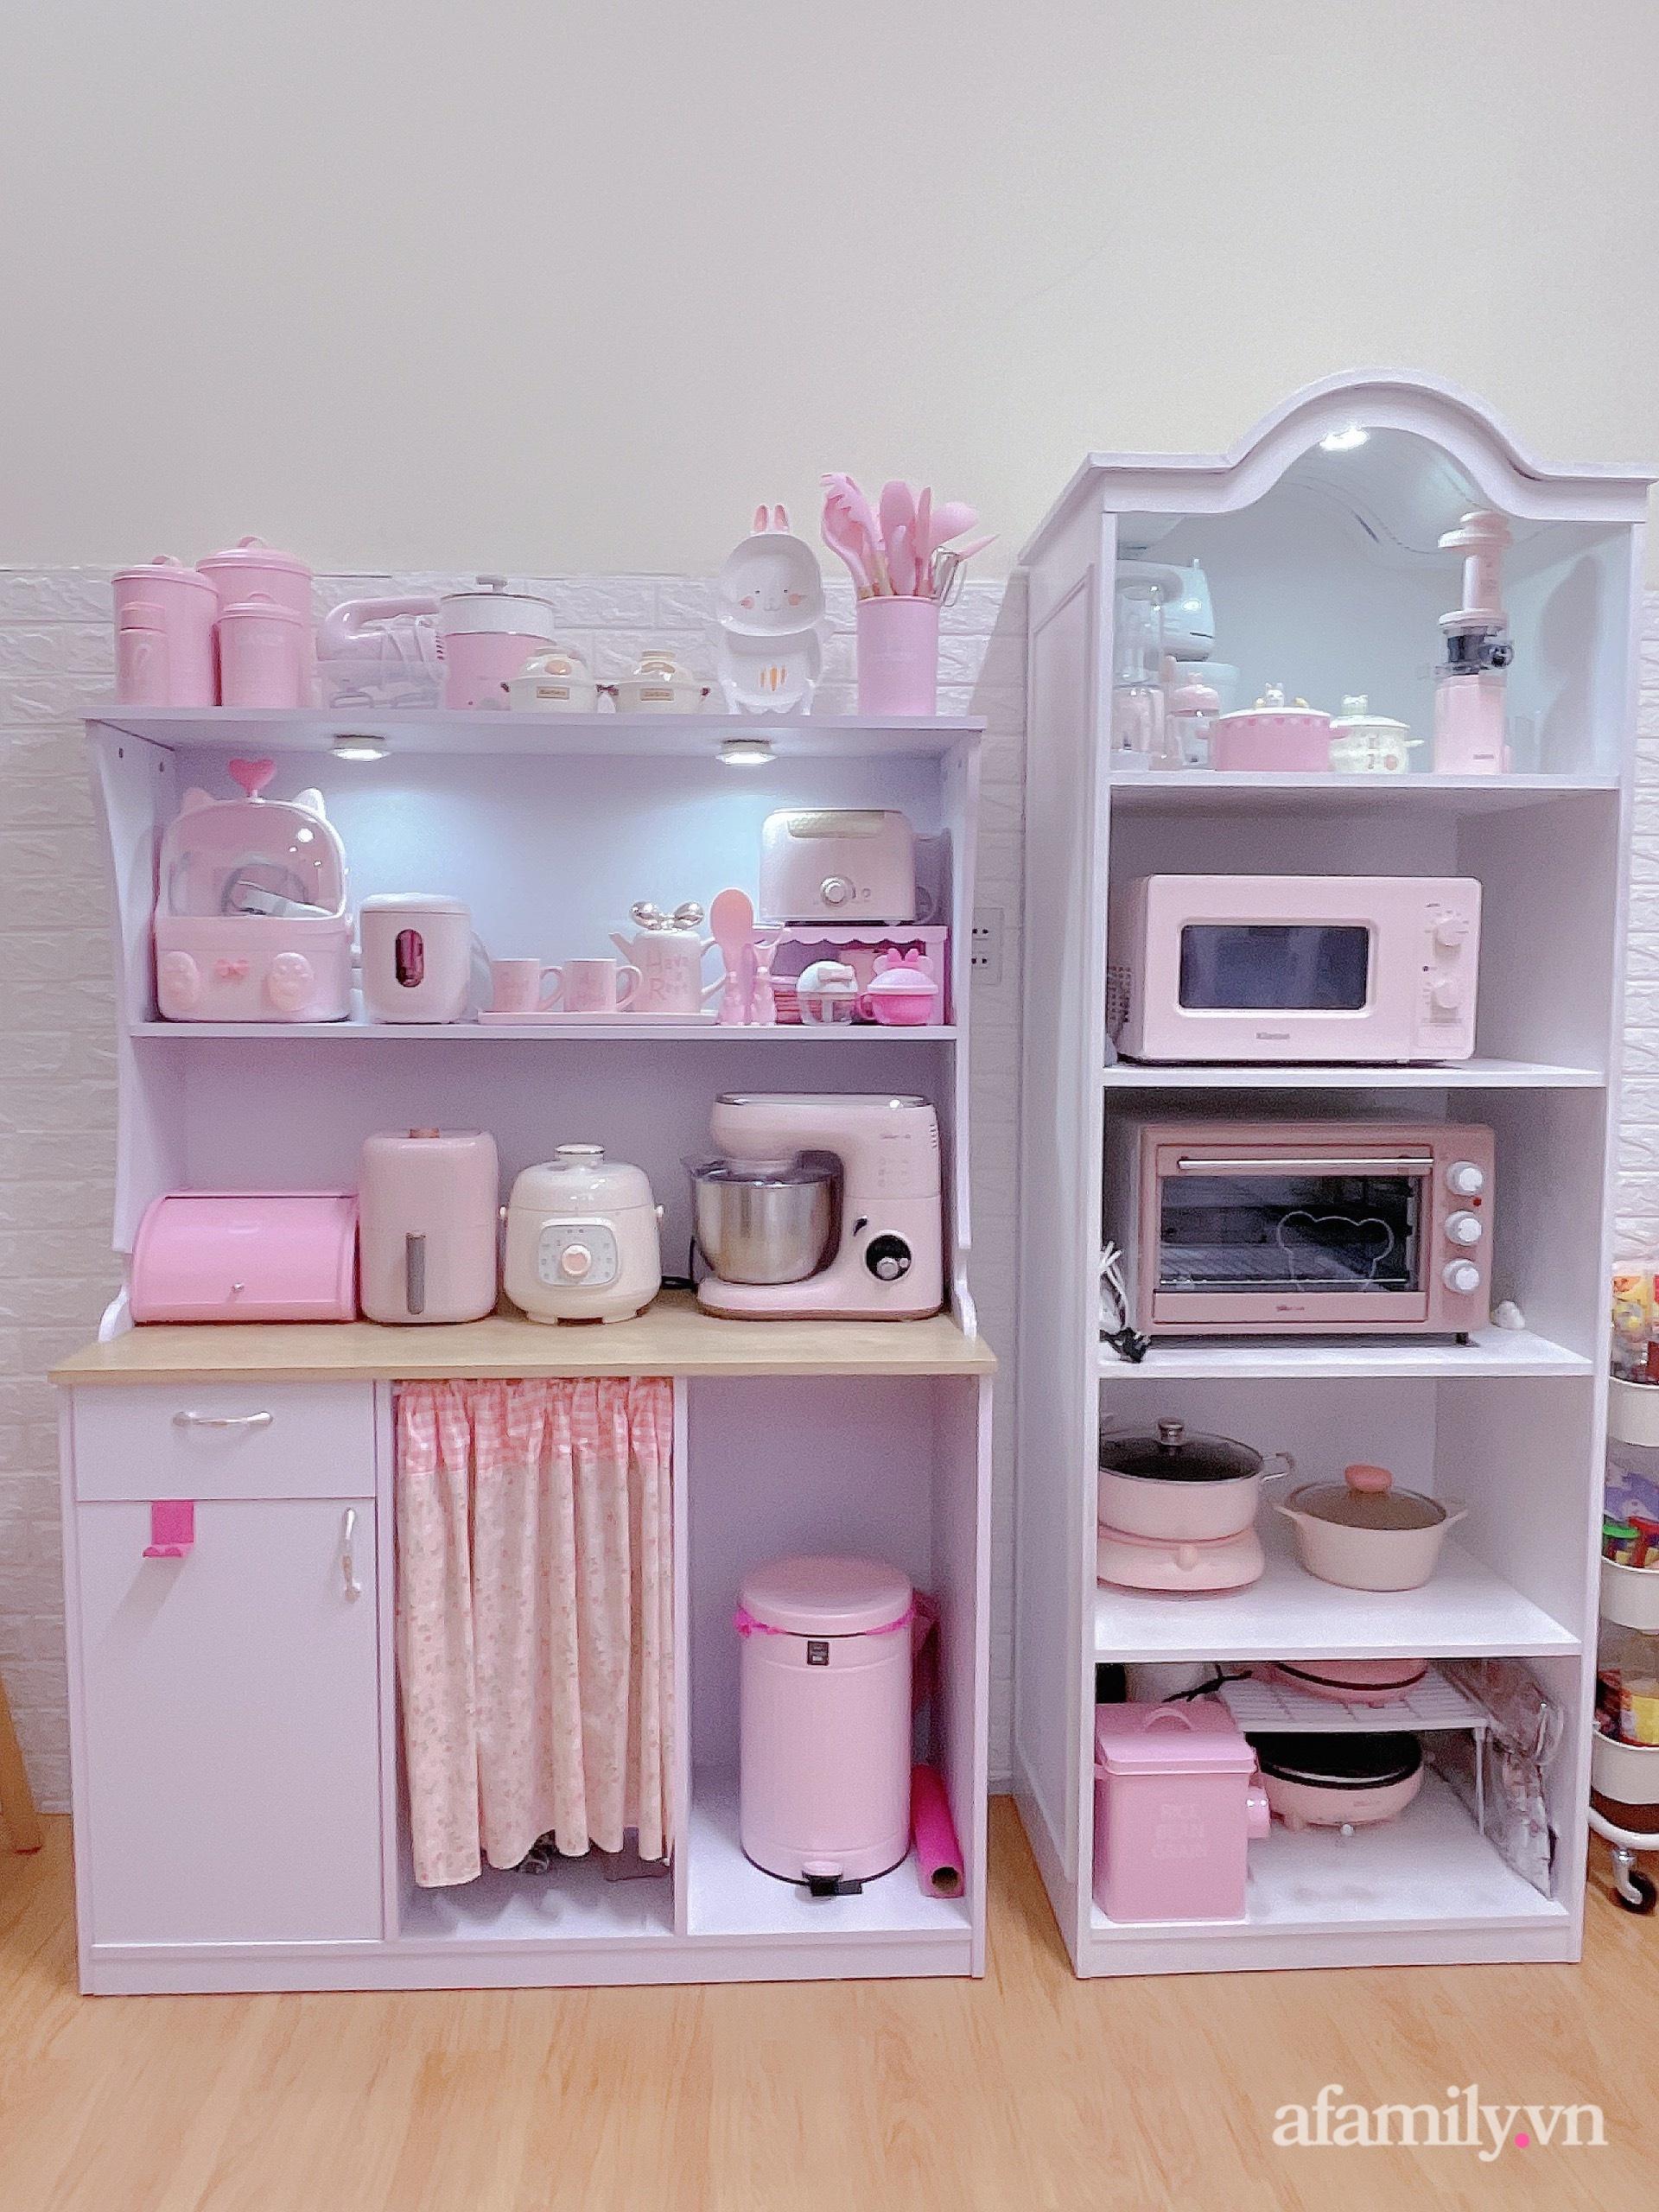 Mẹ trẻ Đà Lạt tự cải tạo căn bếp chật hẹp thành không gian tiện nghi với chi phí rẻ không ngờ - Ảnh 7.